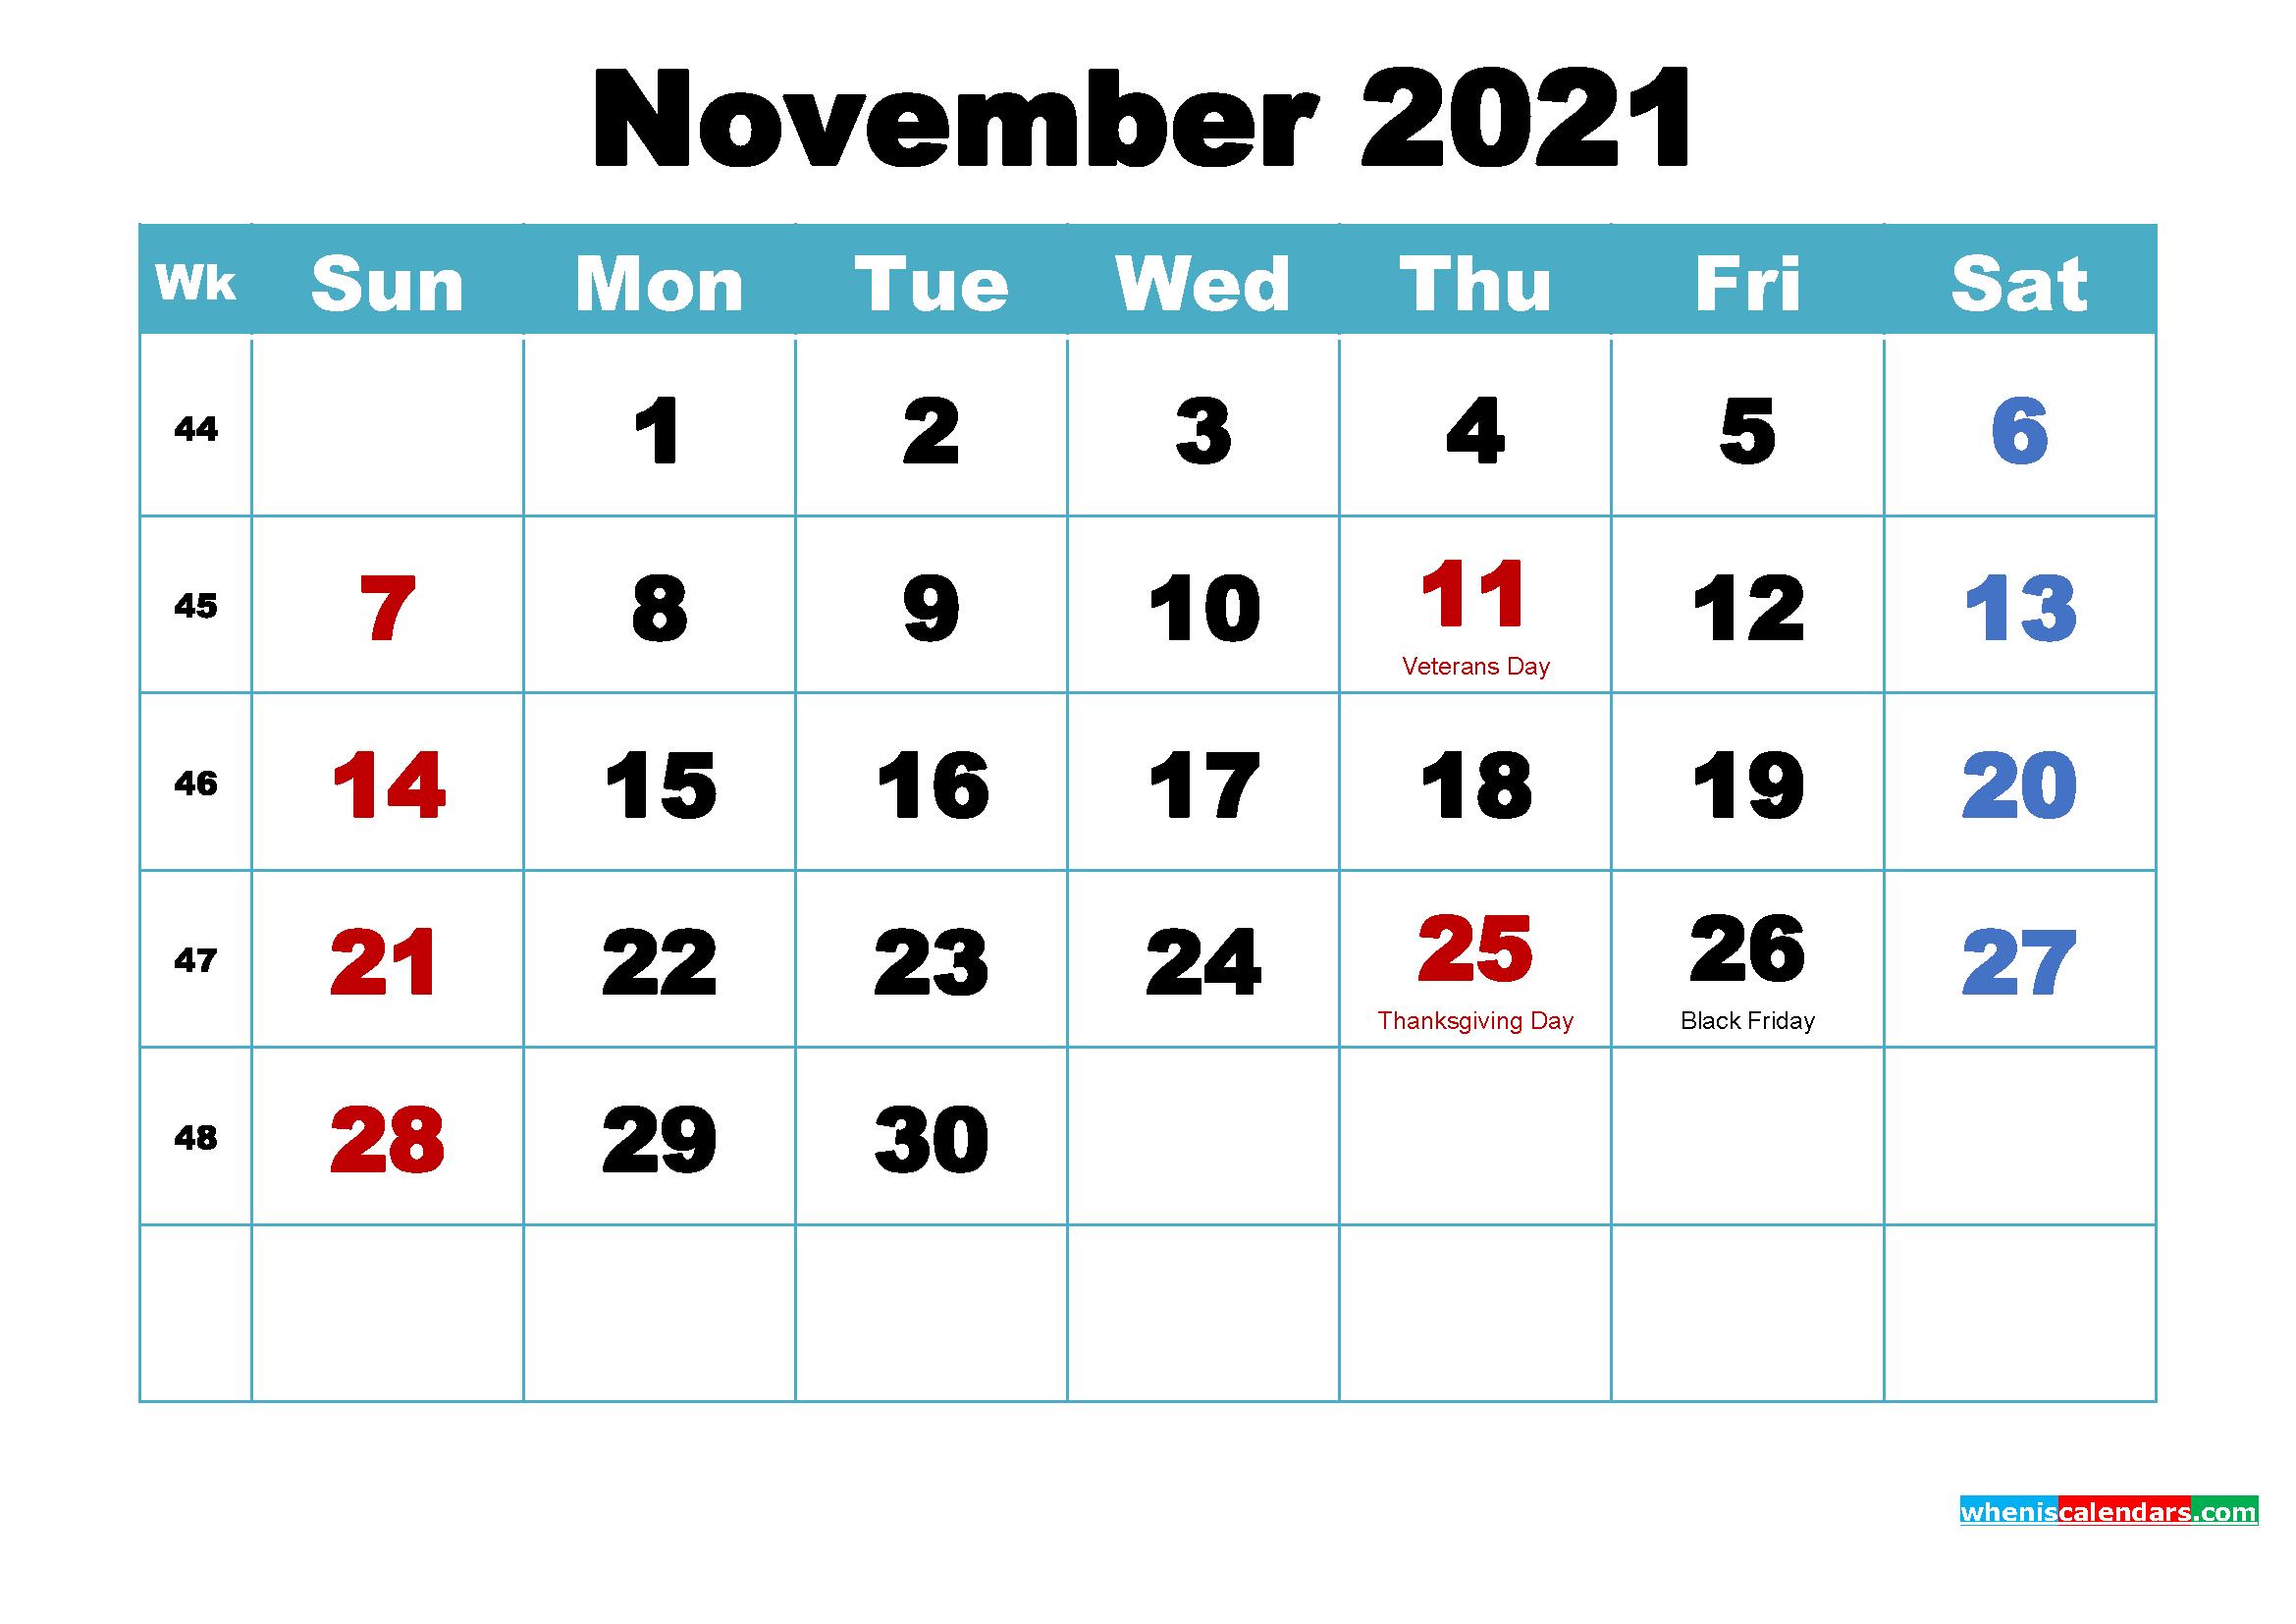 Printable November 2021 Calendar by Month